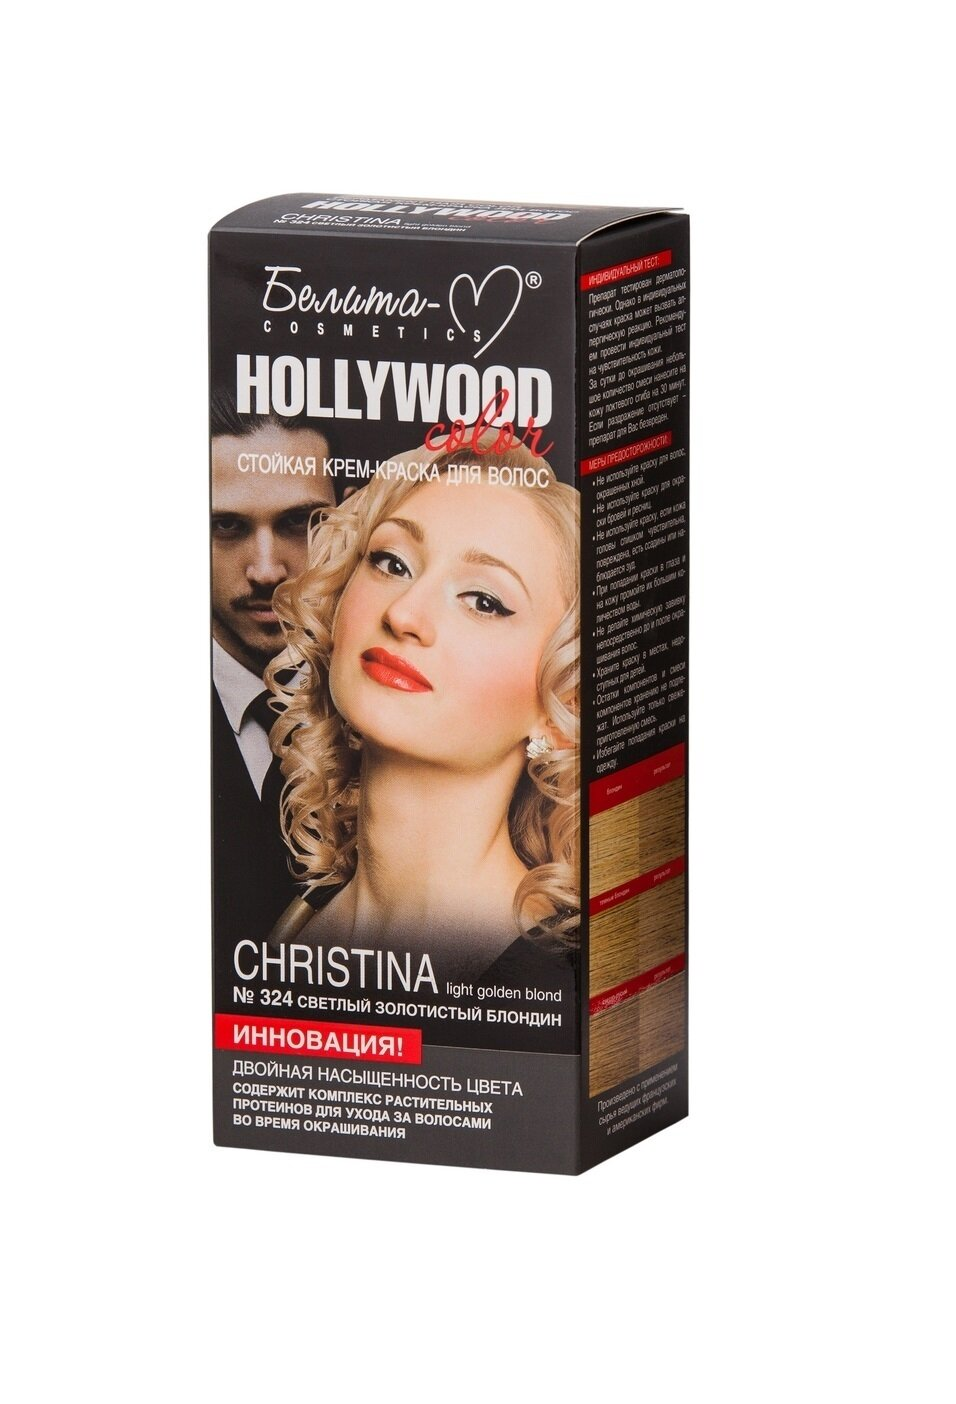 КРЕМ-КРАСКА стойка для волос Hollywood color | тон 324 Christina (светлый золотистый блондин) | Belita-M